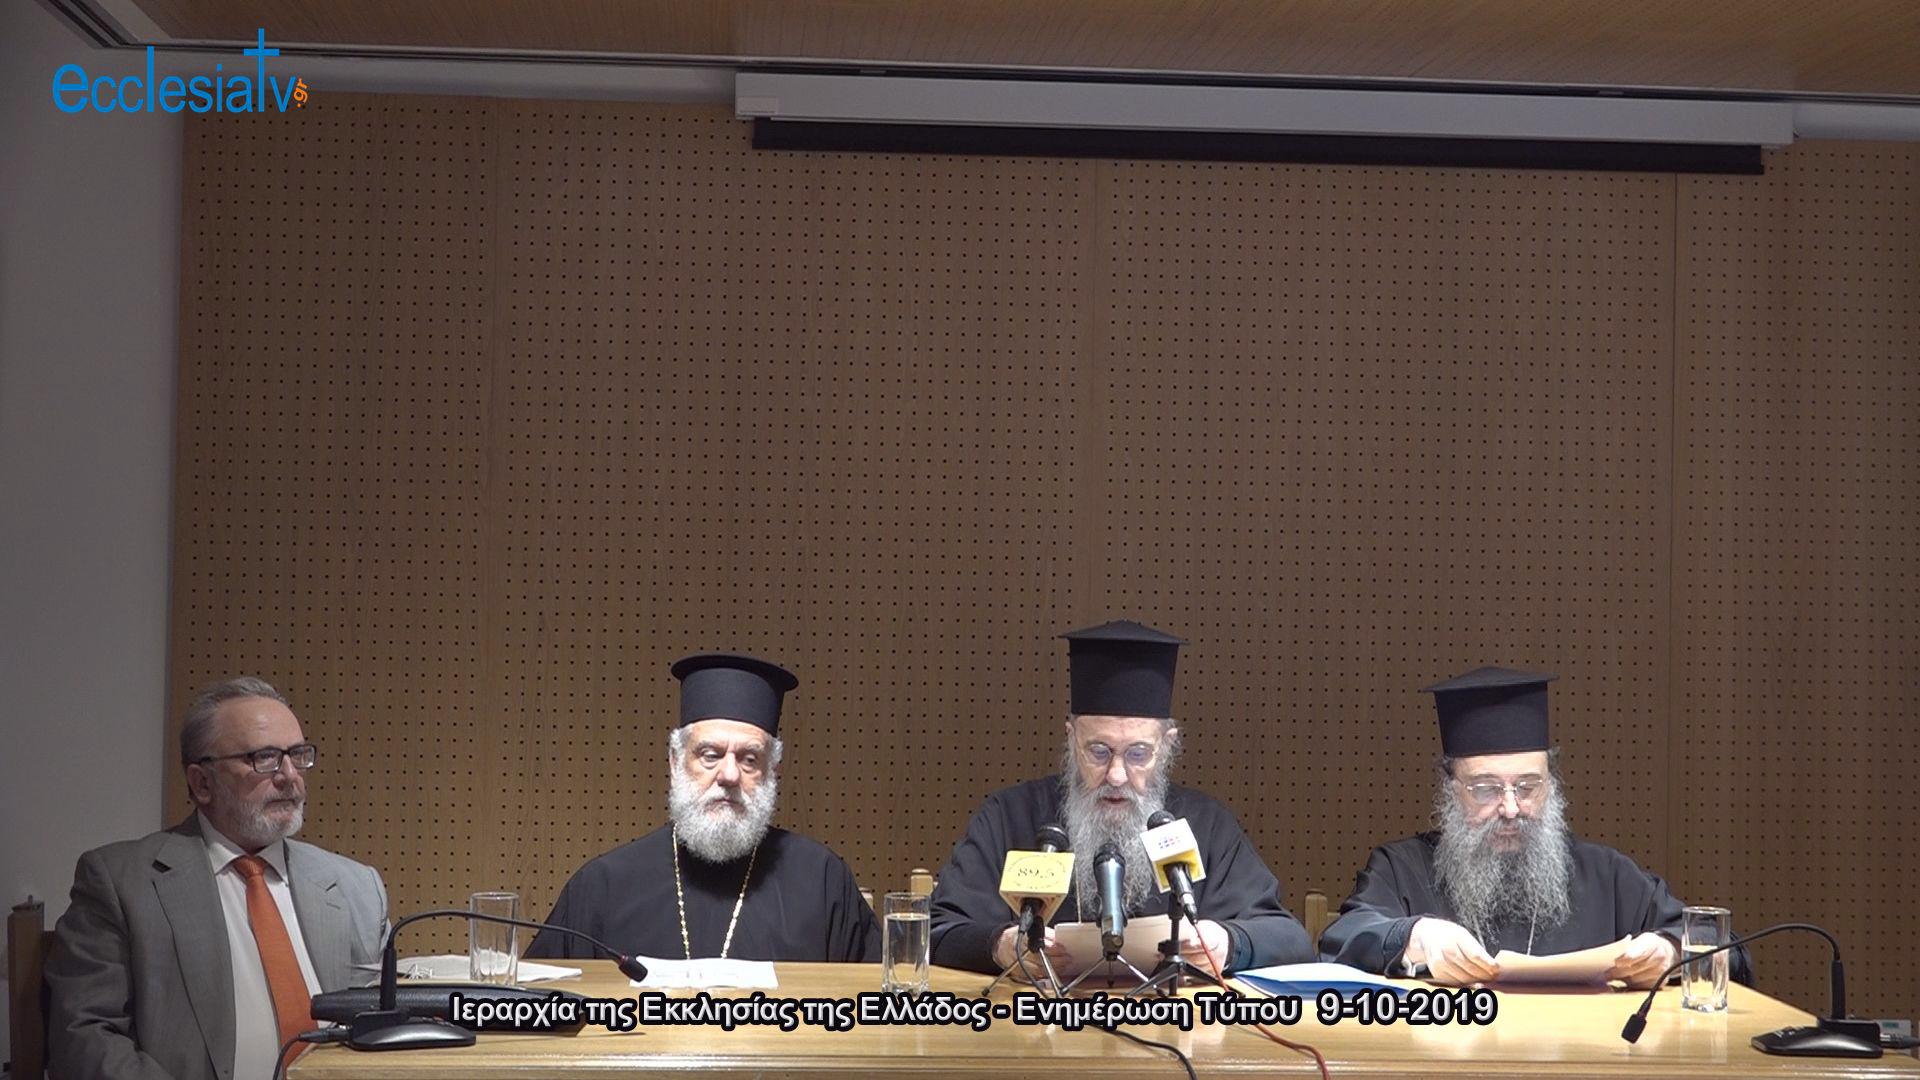 Ιεραρχία της Εκκλησίας της Ελλάδος - Ενημέρωση Τύπου  9-10-2019